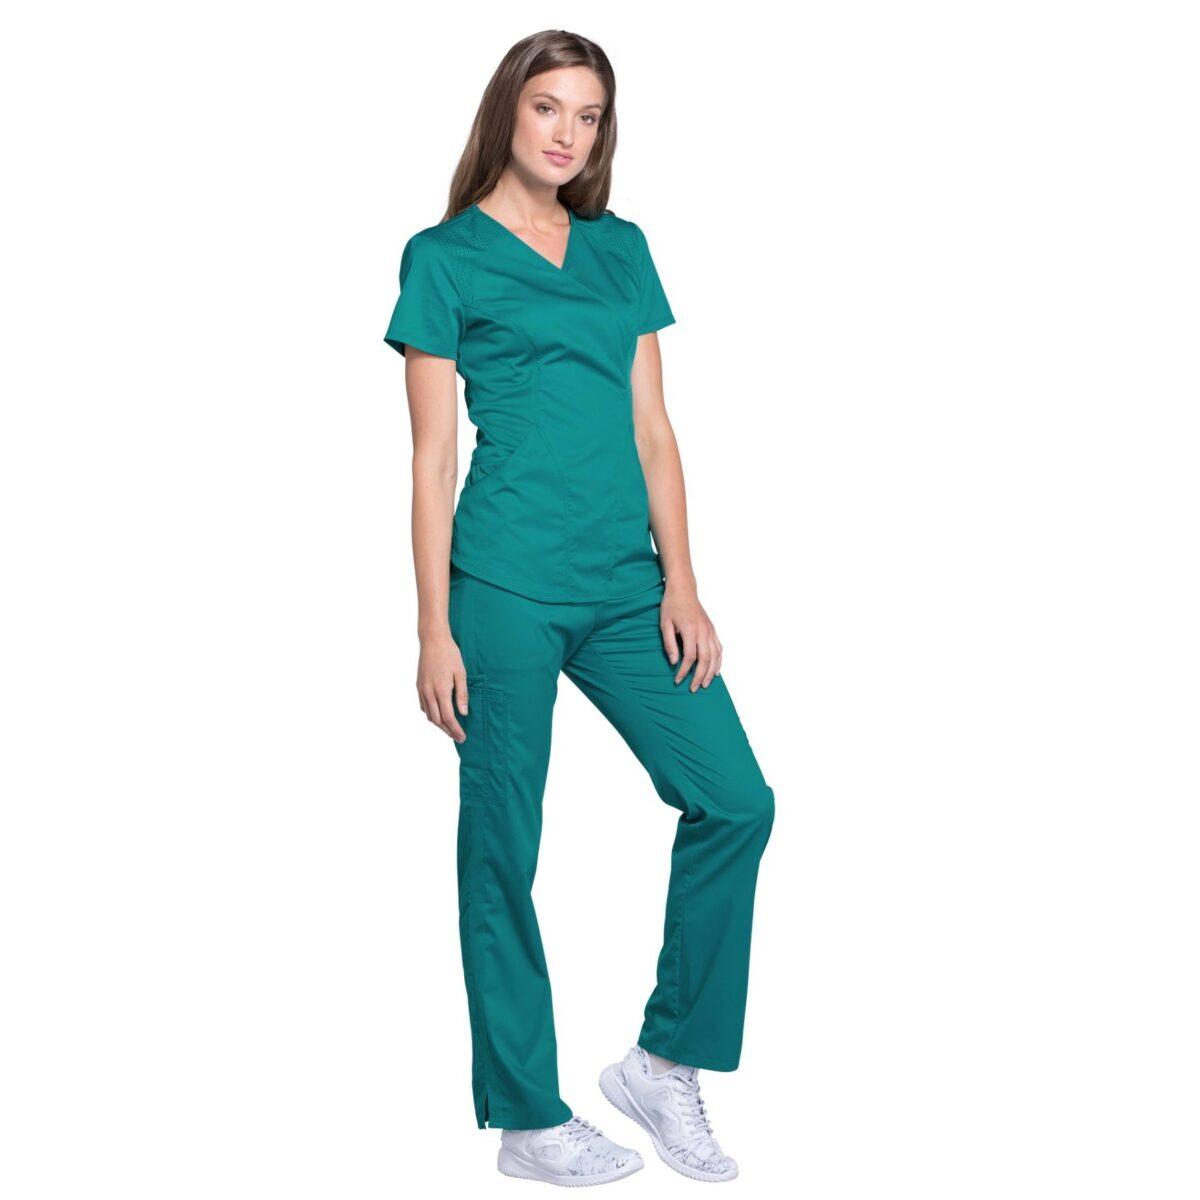 Женский медицинский костюм Lux sport цвет изумрудный